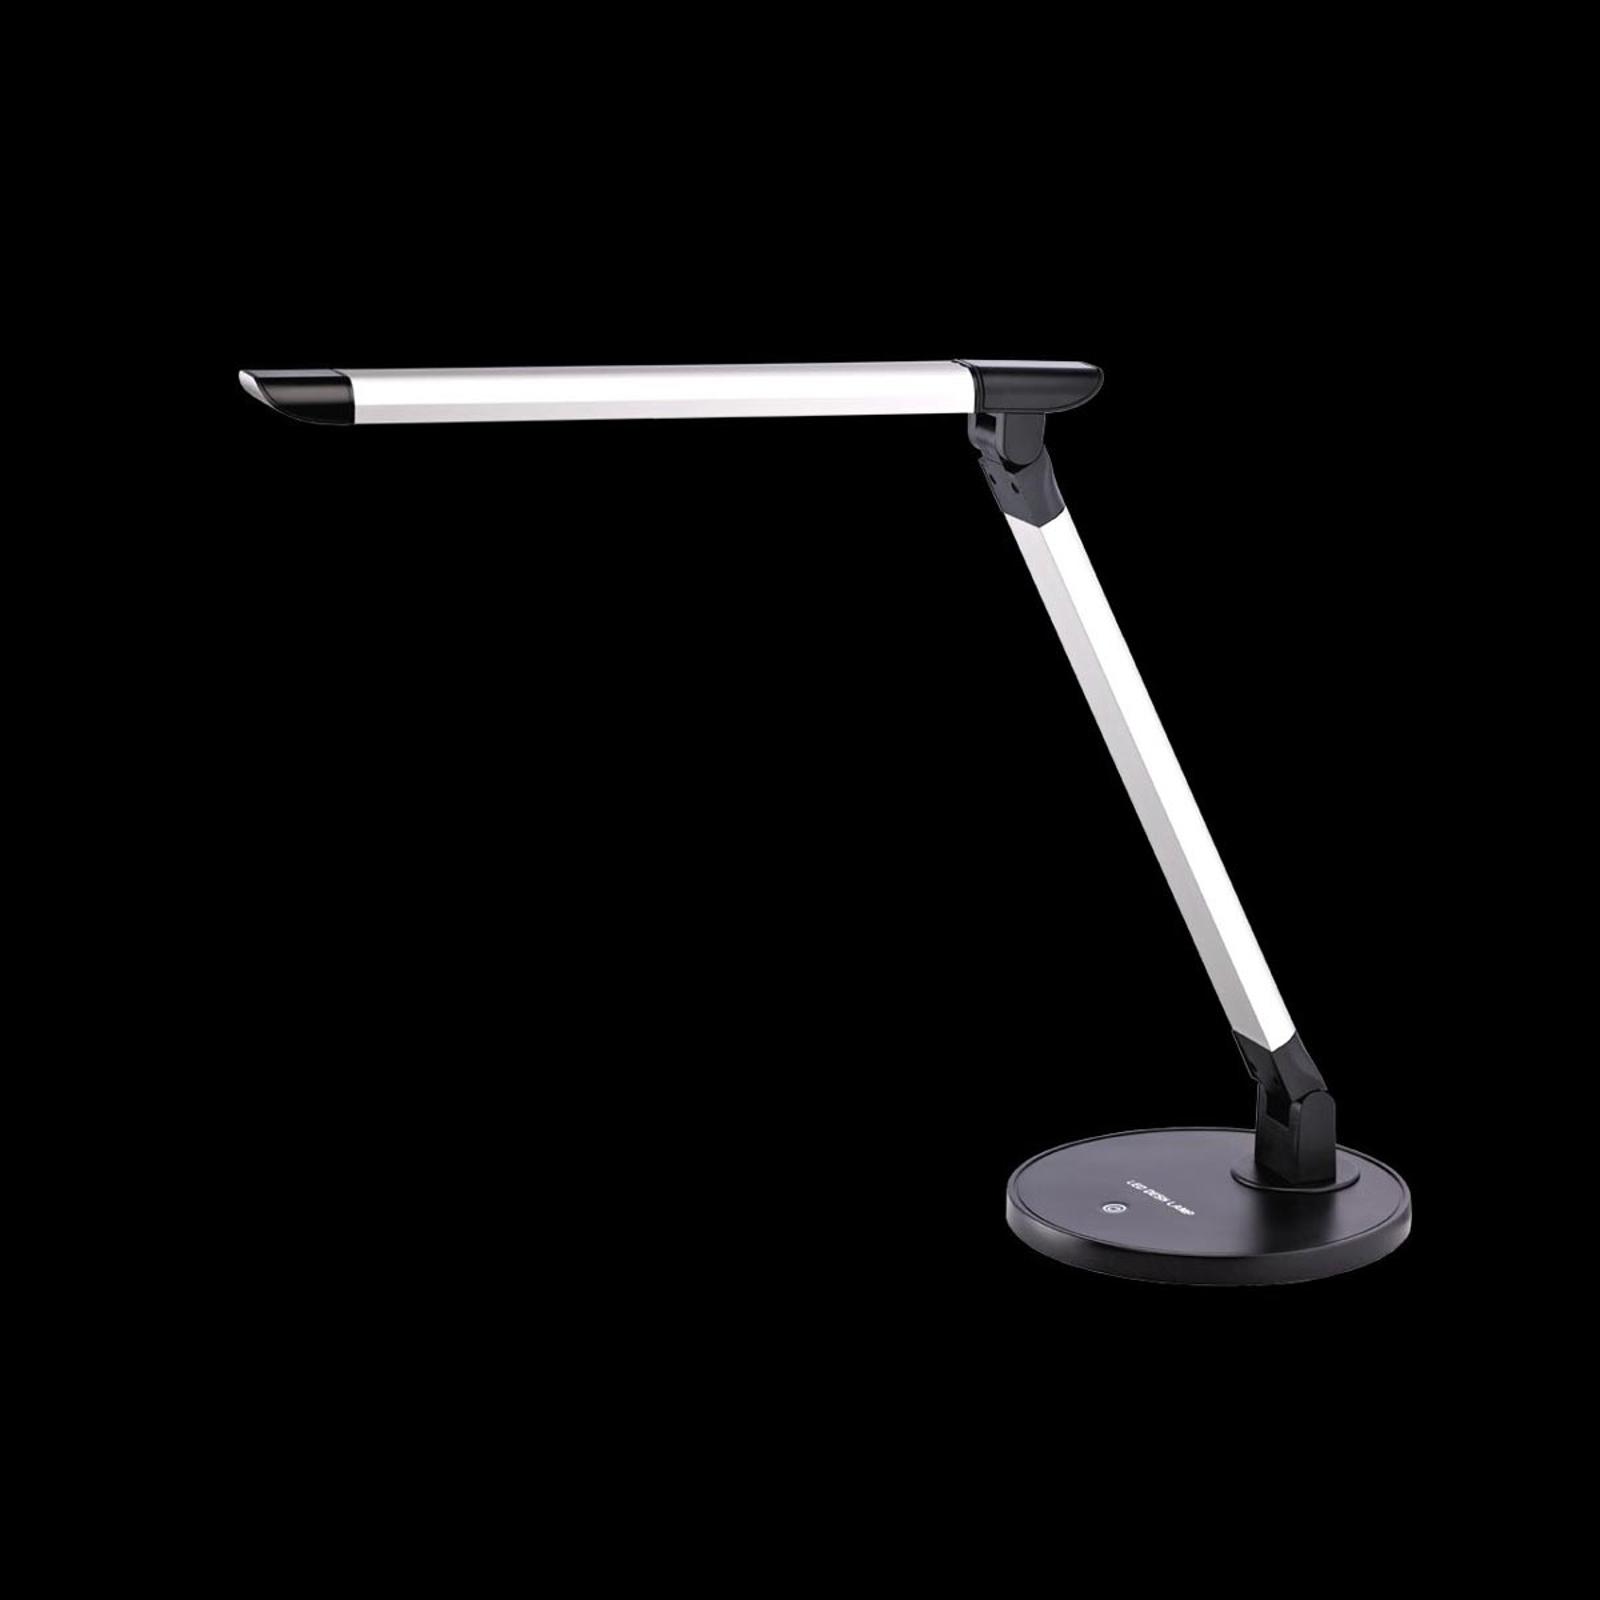 Lámpara de mesa LED plegable Chris, atenuador